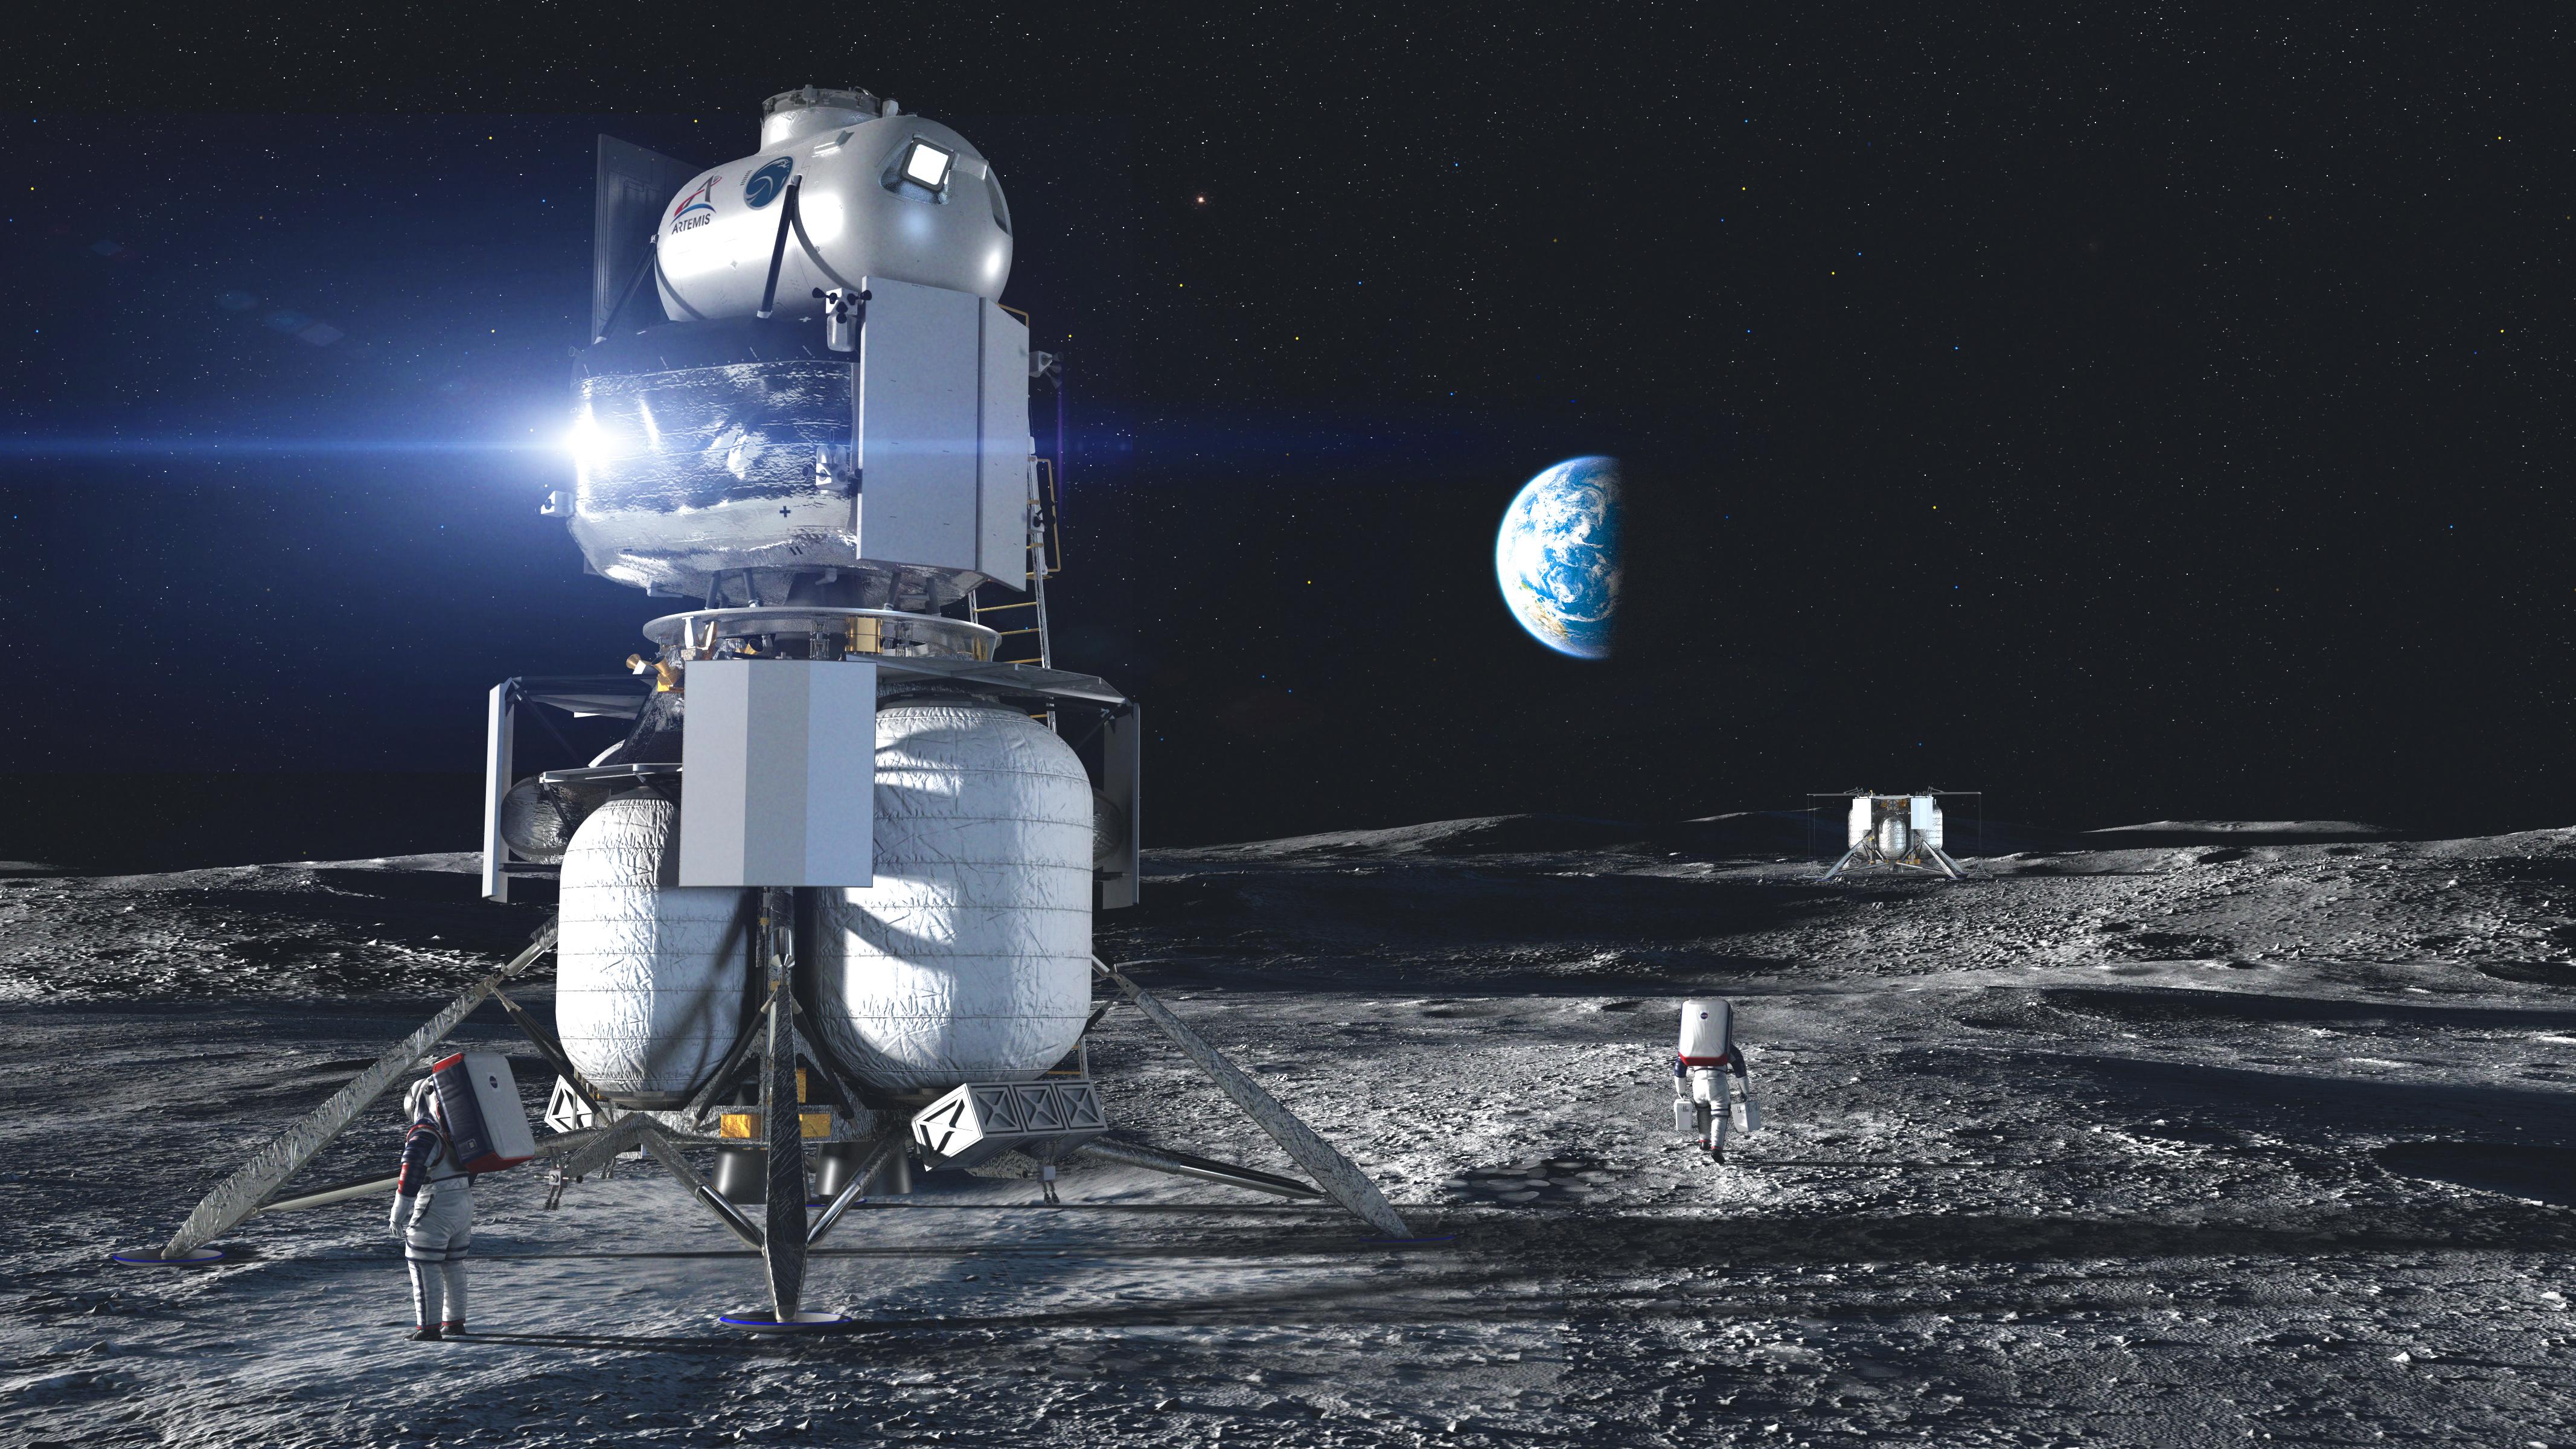 Wizja artystyczna przedstawiająca lądownik firmy Blue Origin na Księżycu (Źródło: Blue Origin)